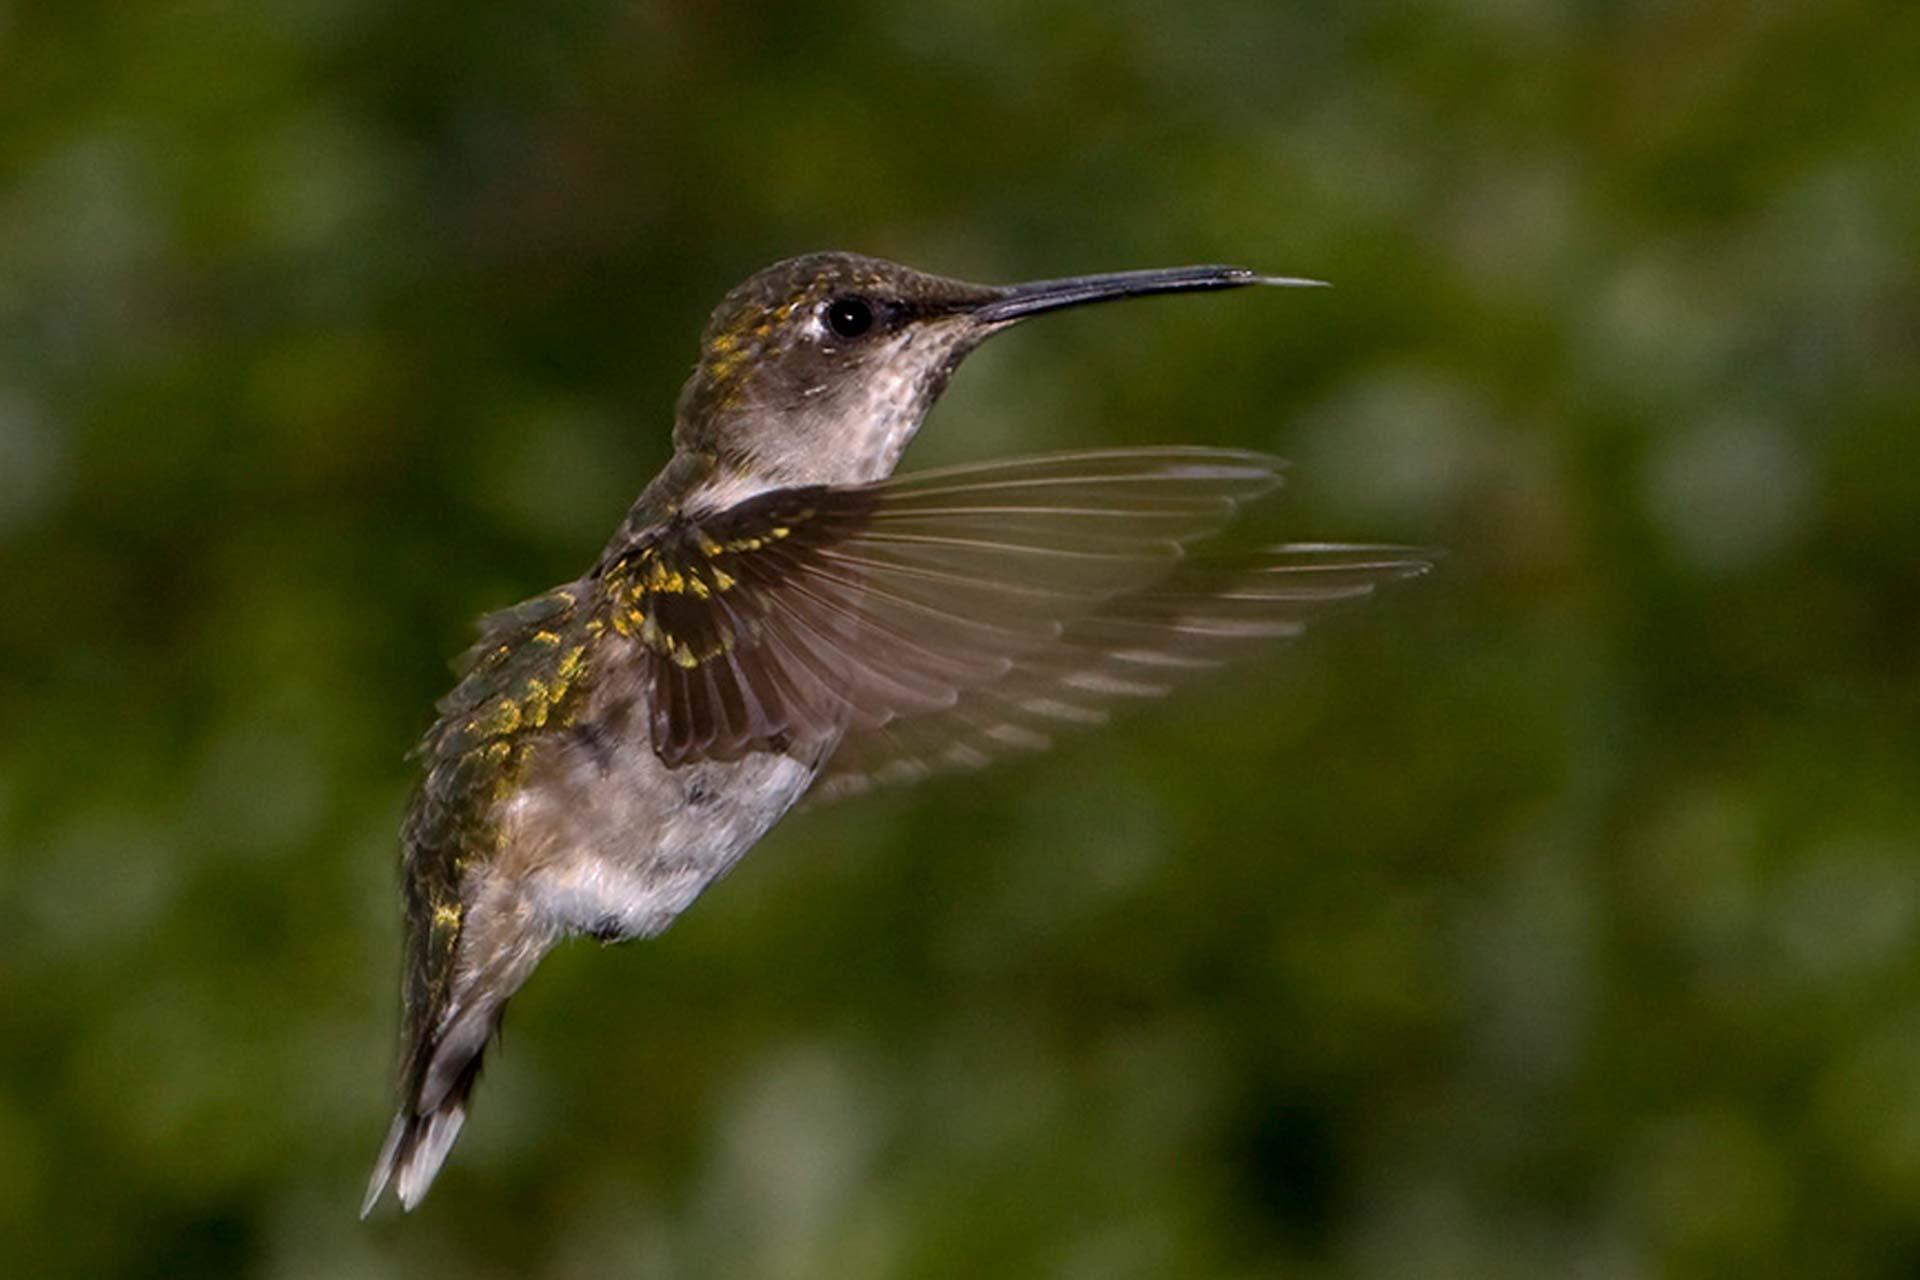 Colibri en vol de profil, fond flou vert